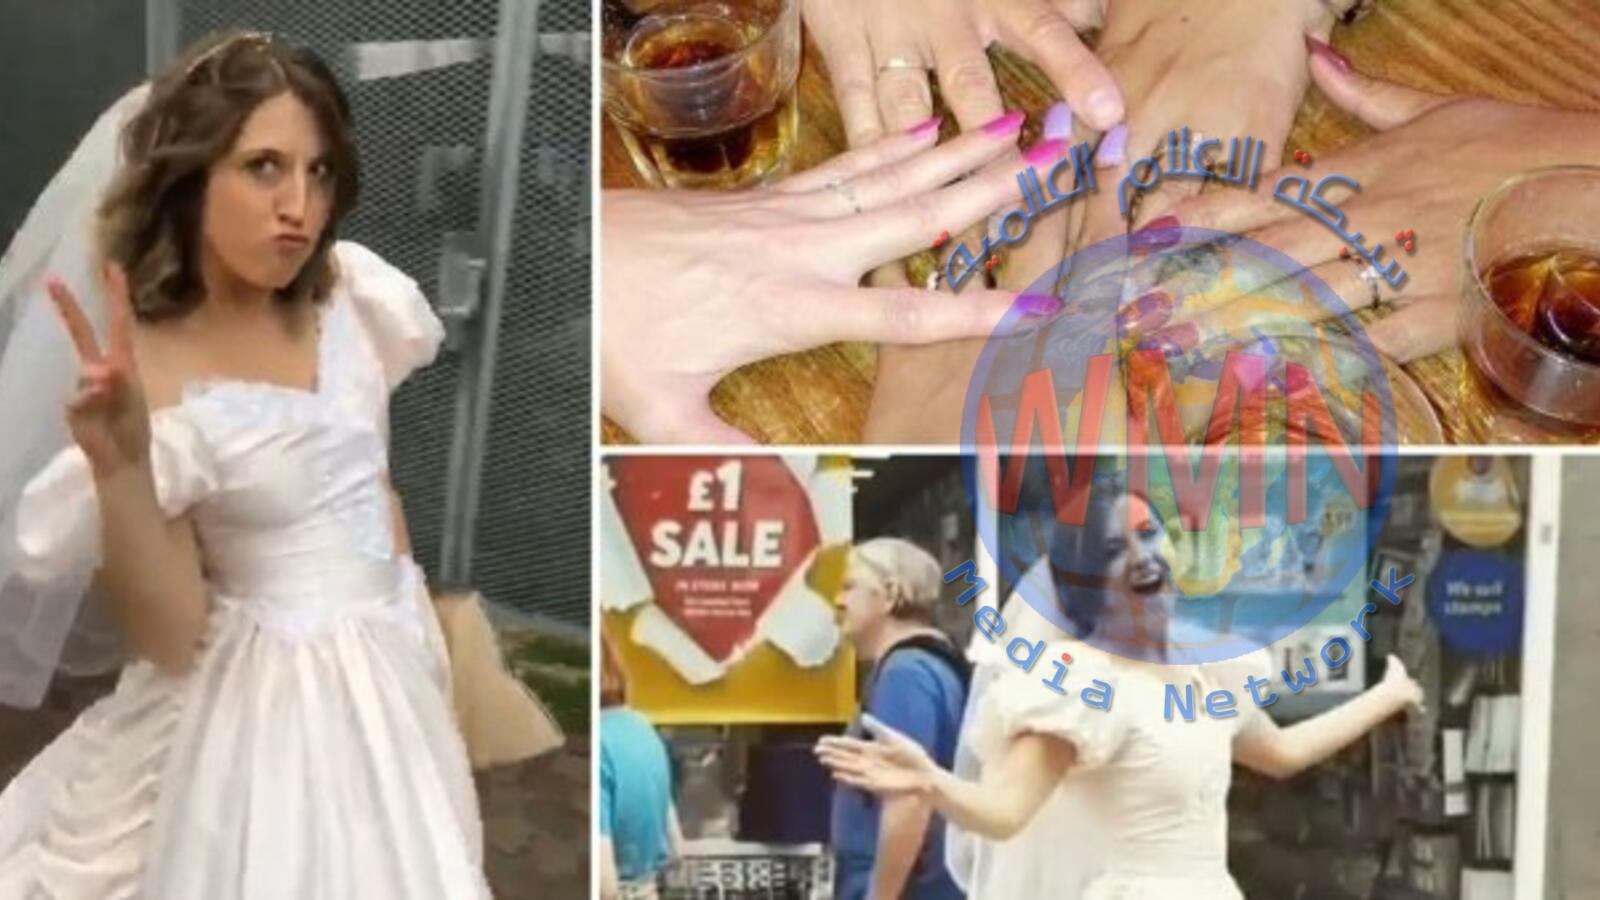 سئمت من زواج أصدقائها.. بريطانية تتزوج من نفسها